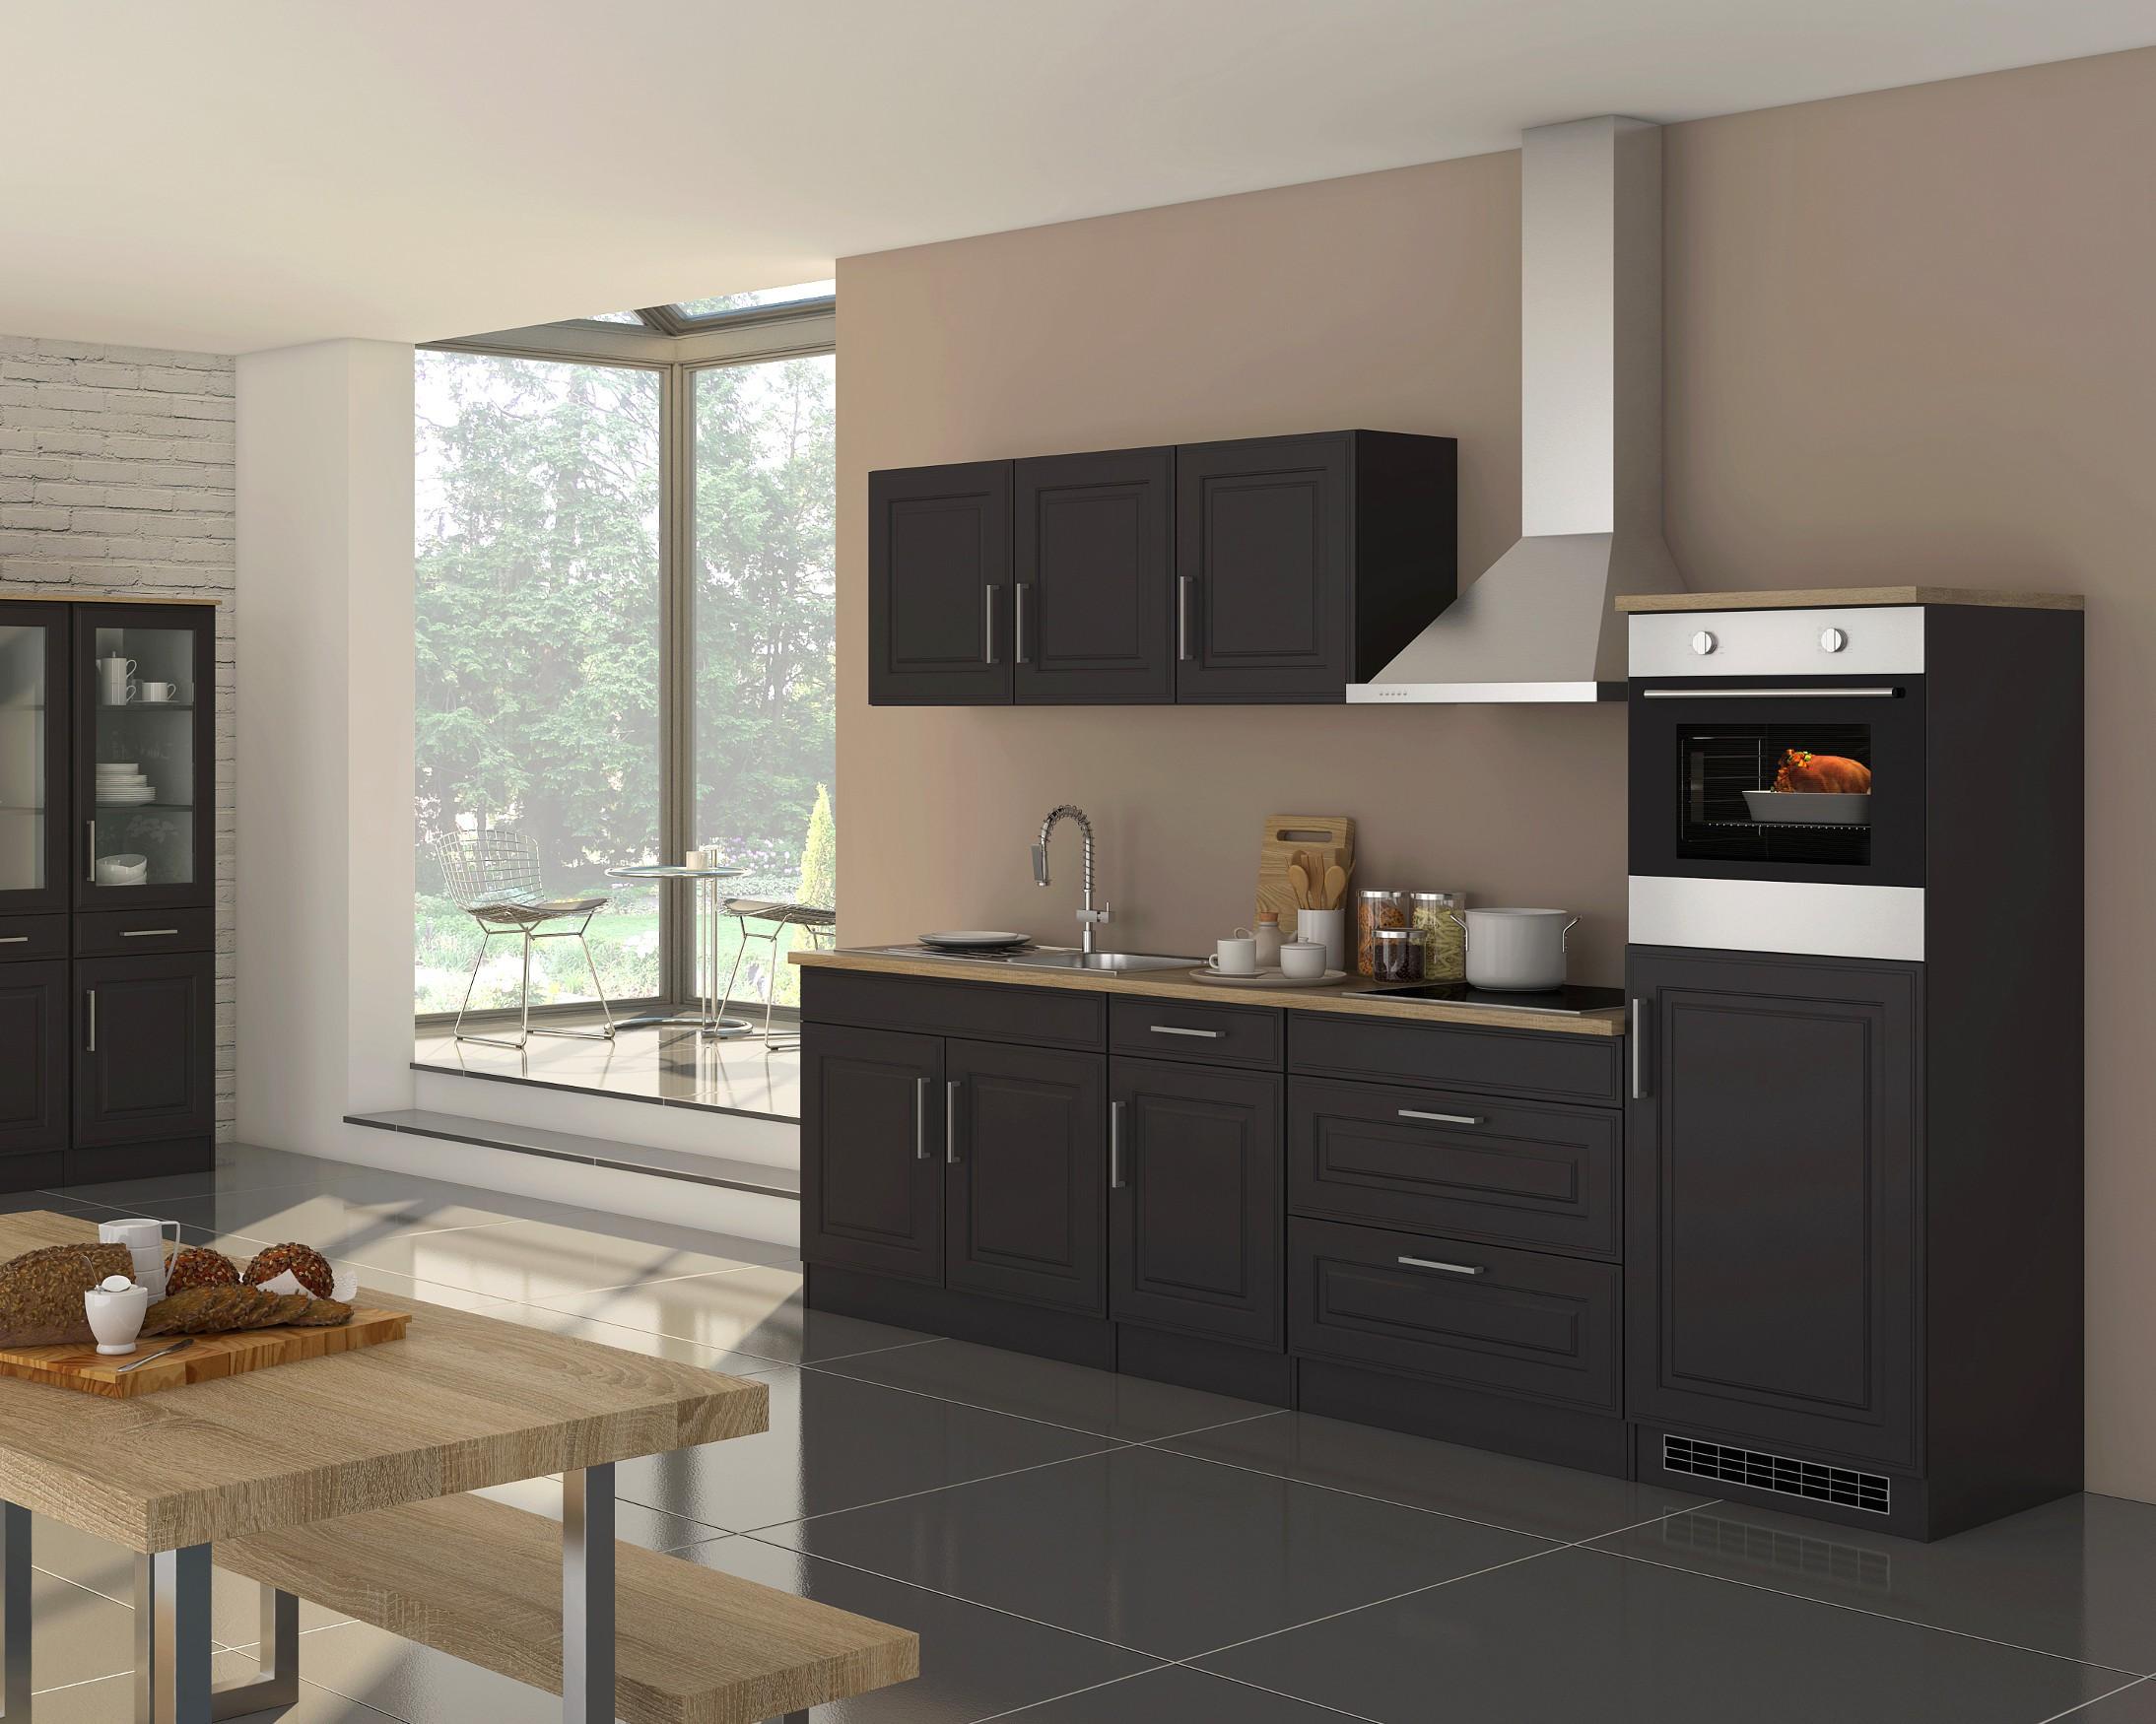 kchenzeile 240 cm breit idealo groer with kchenzeile 240 cm breit mbel kchenzeile mit egerten. Black Bedroom Furniture Sets. Home Design Ideas